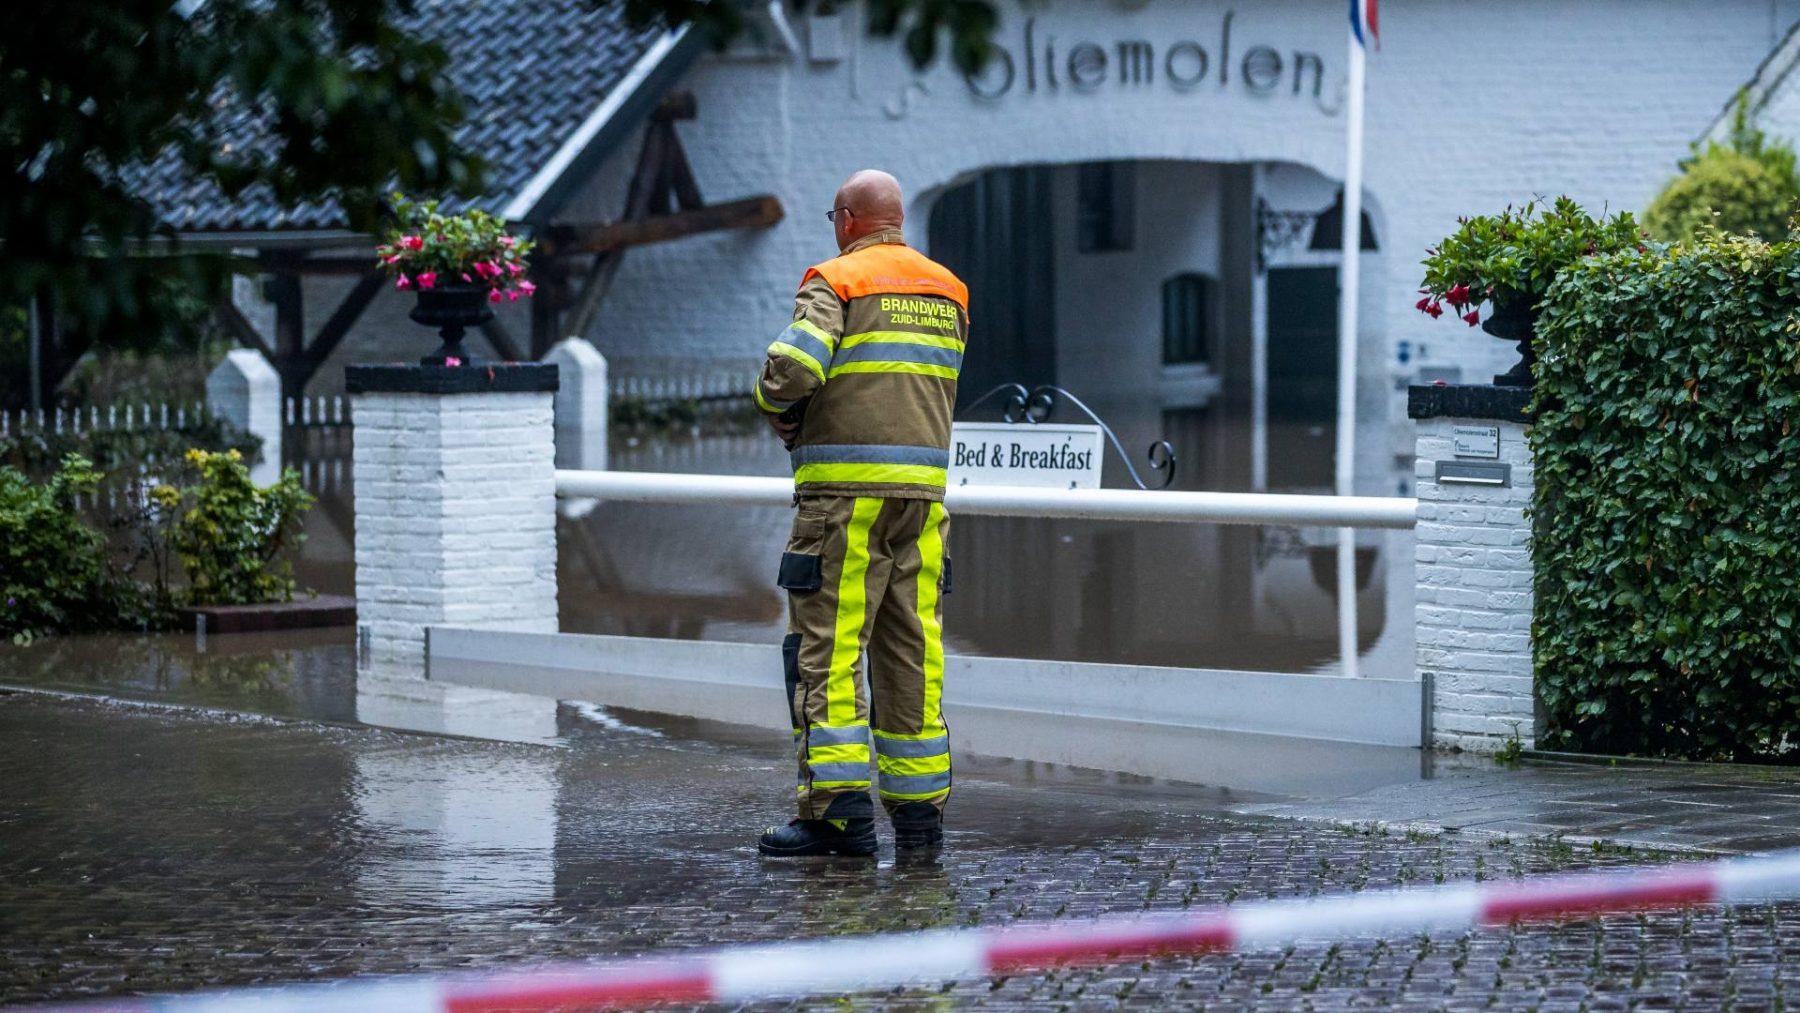 Brandweer bevrijdt zwemmend bewoners van oliemolen in Heerlen na hevige regenval